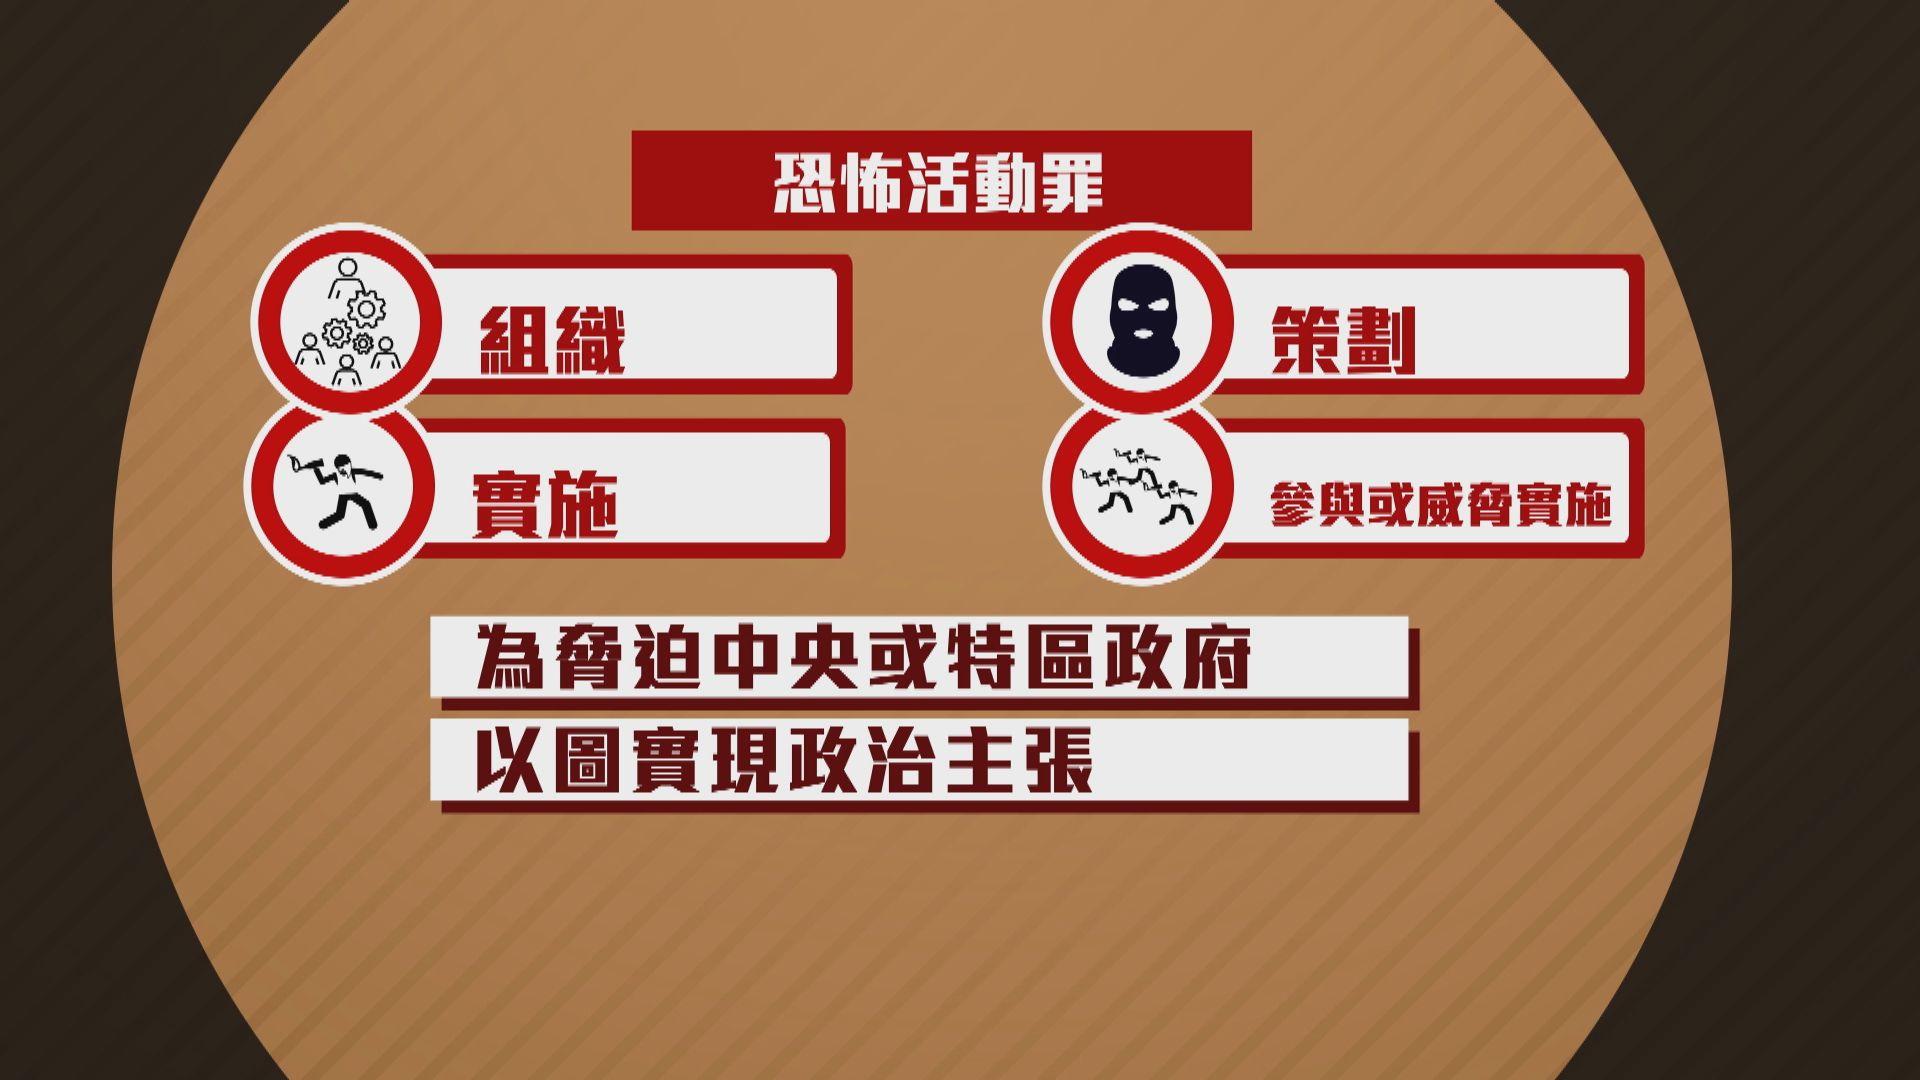 【透析國安法】恐怖活動罪